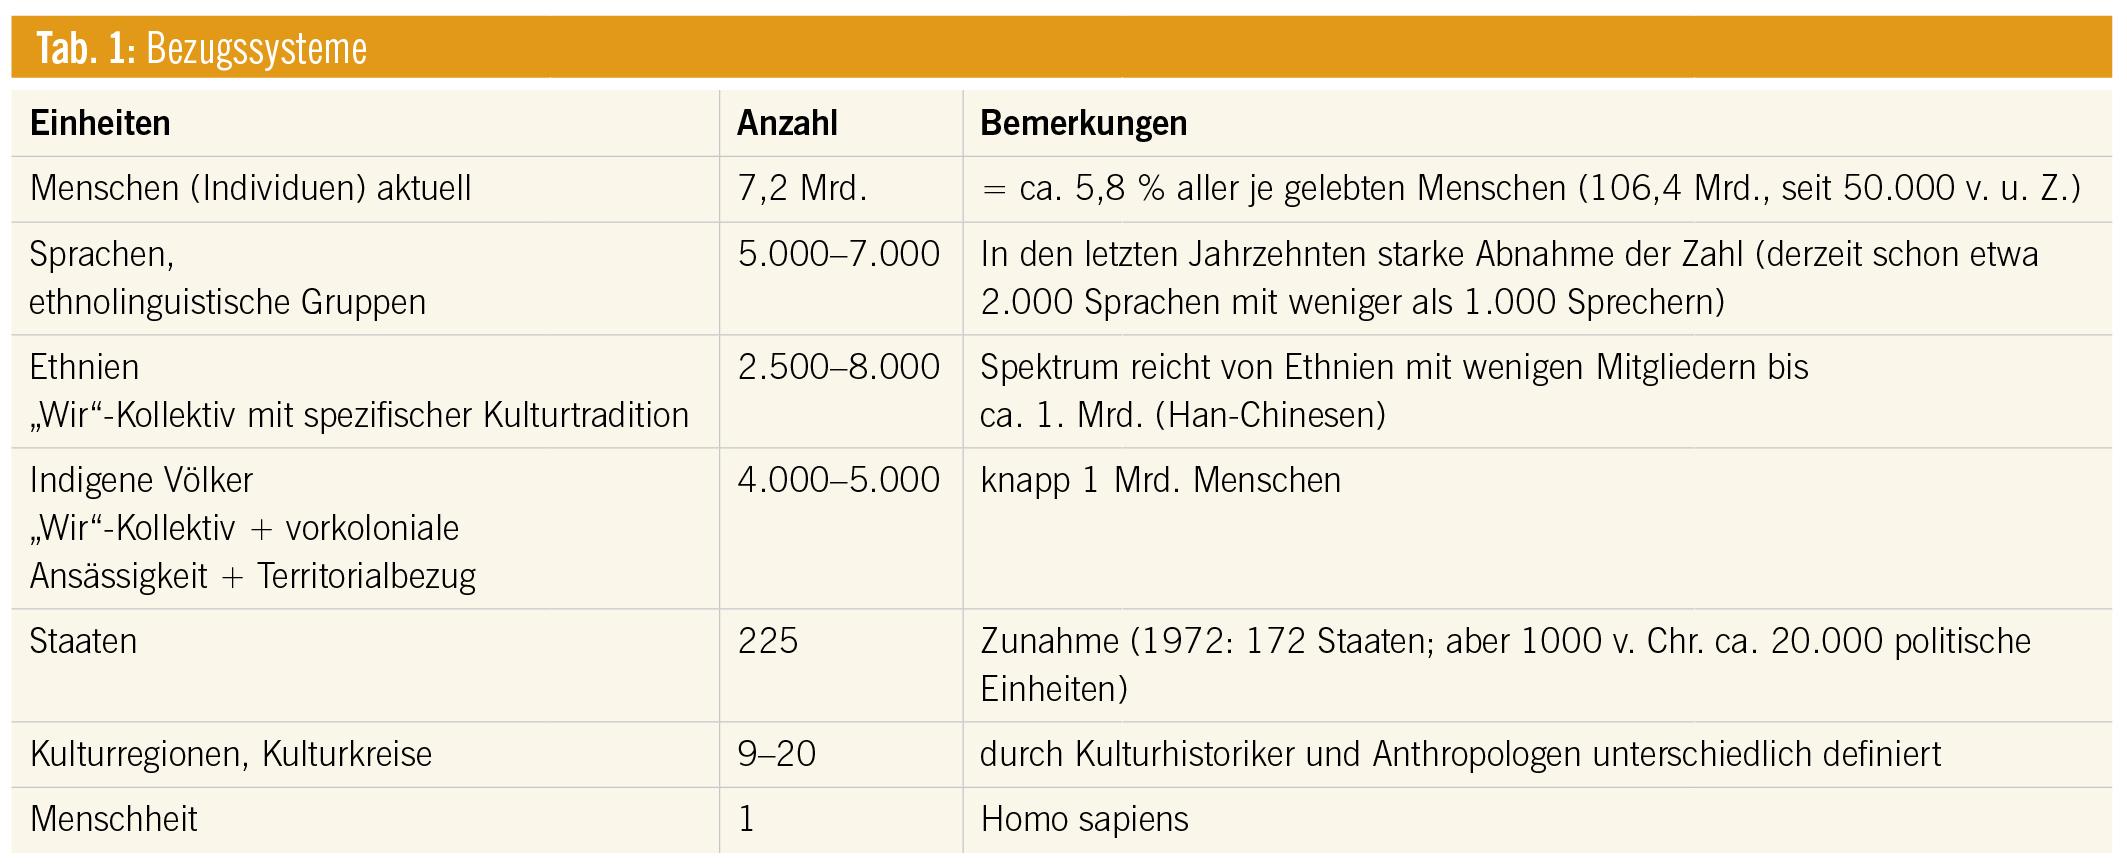 fremde elemente in der deutschen kultur